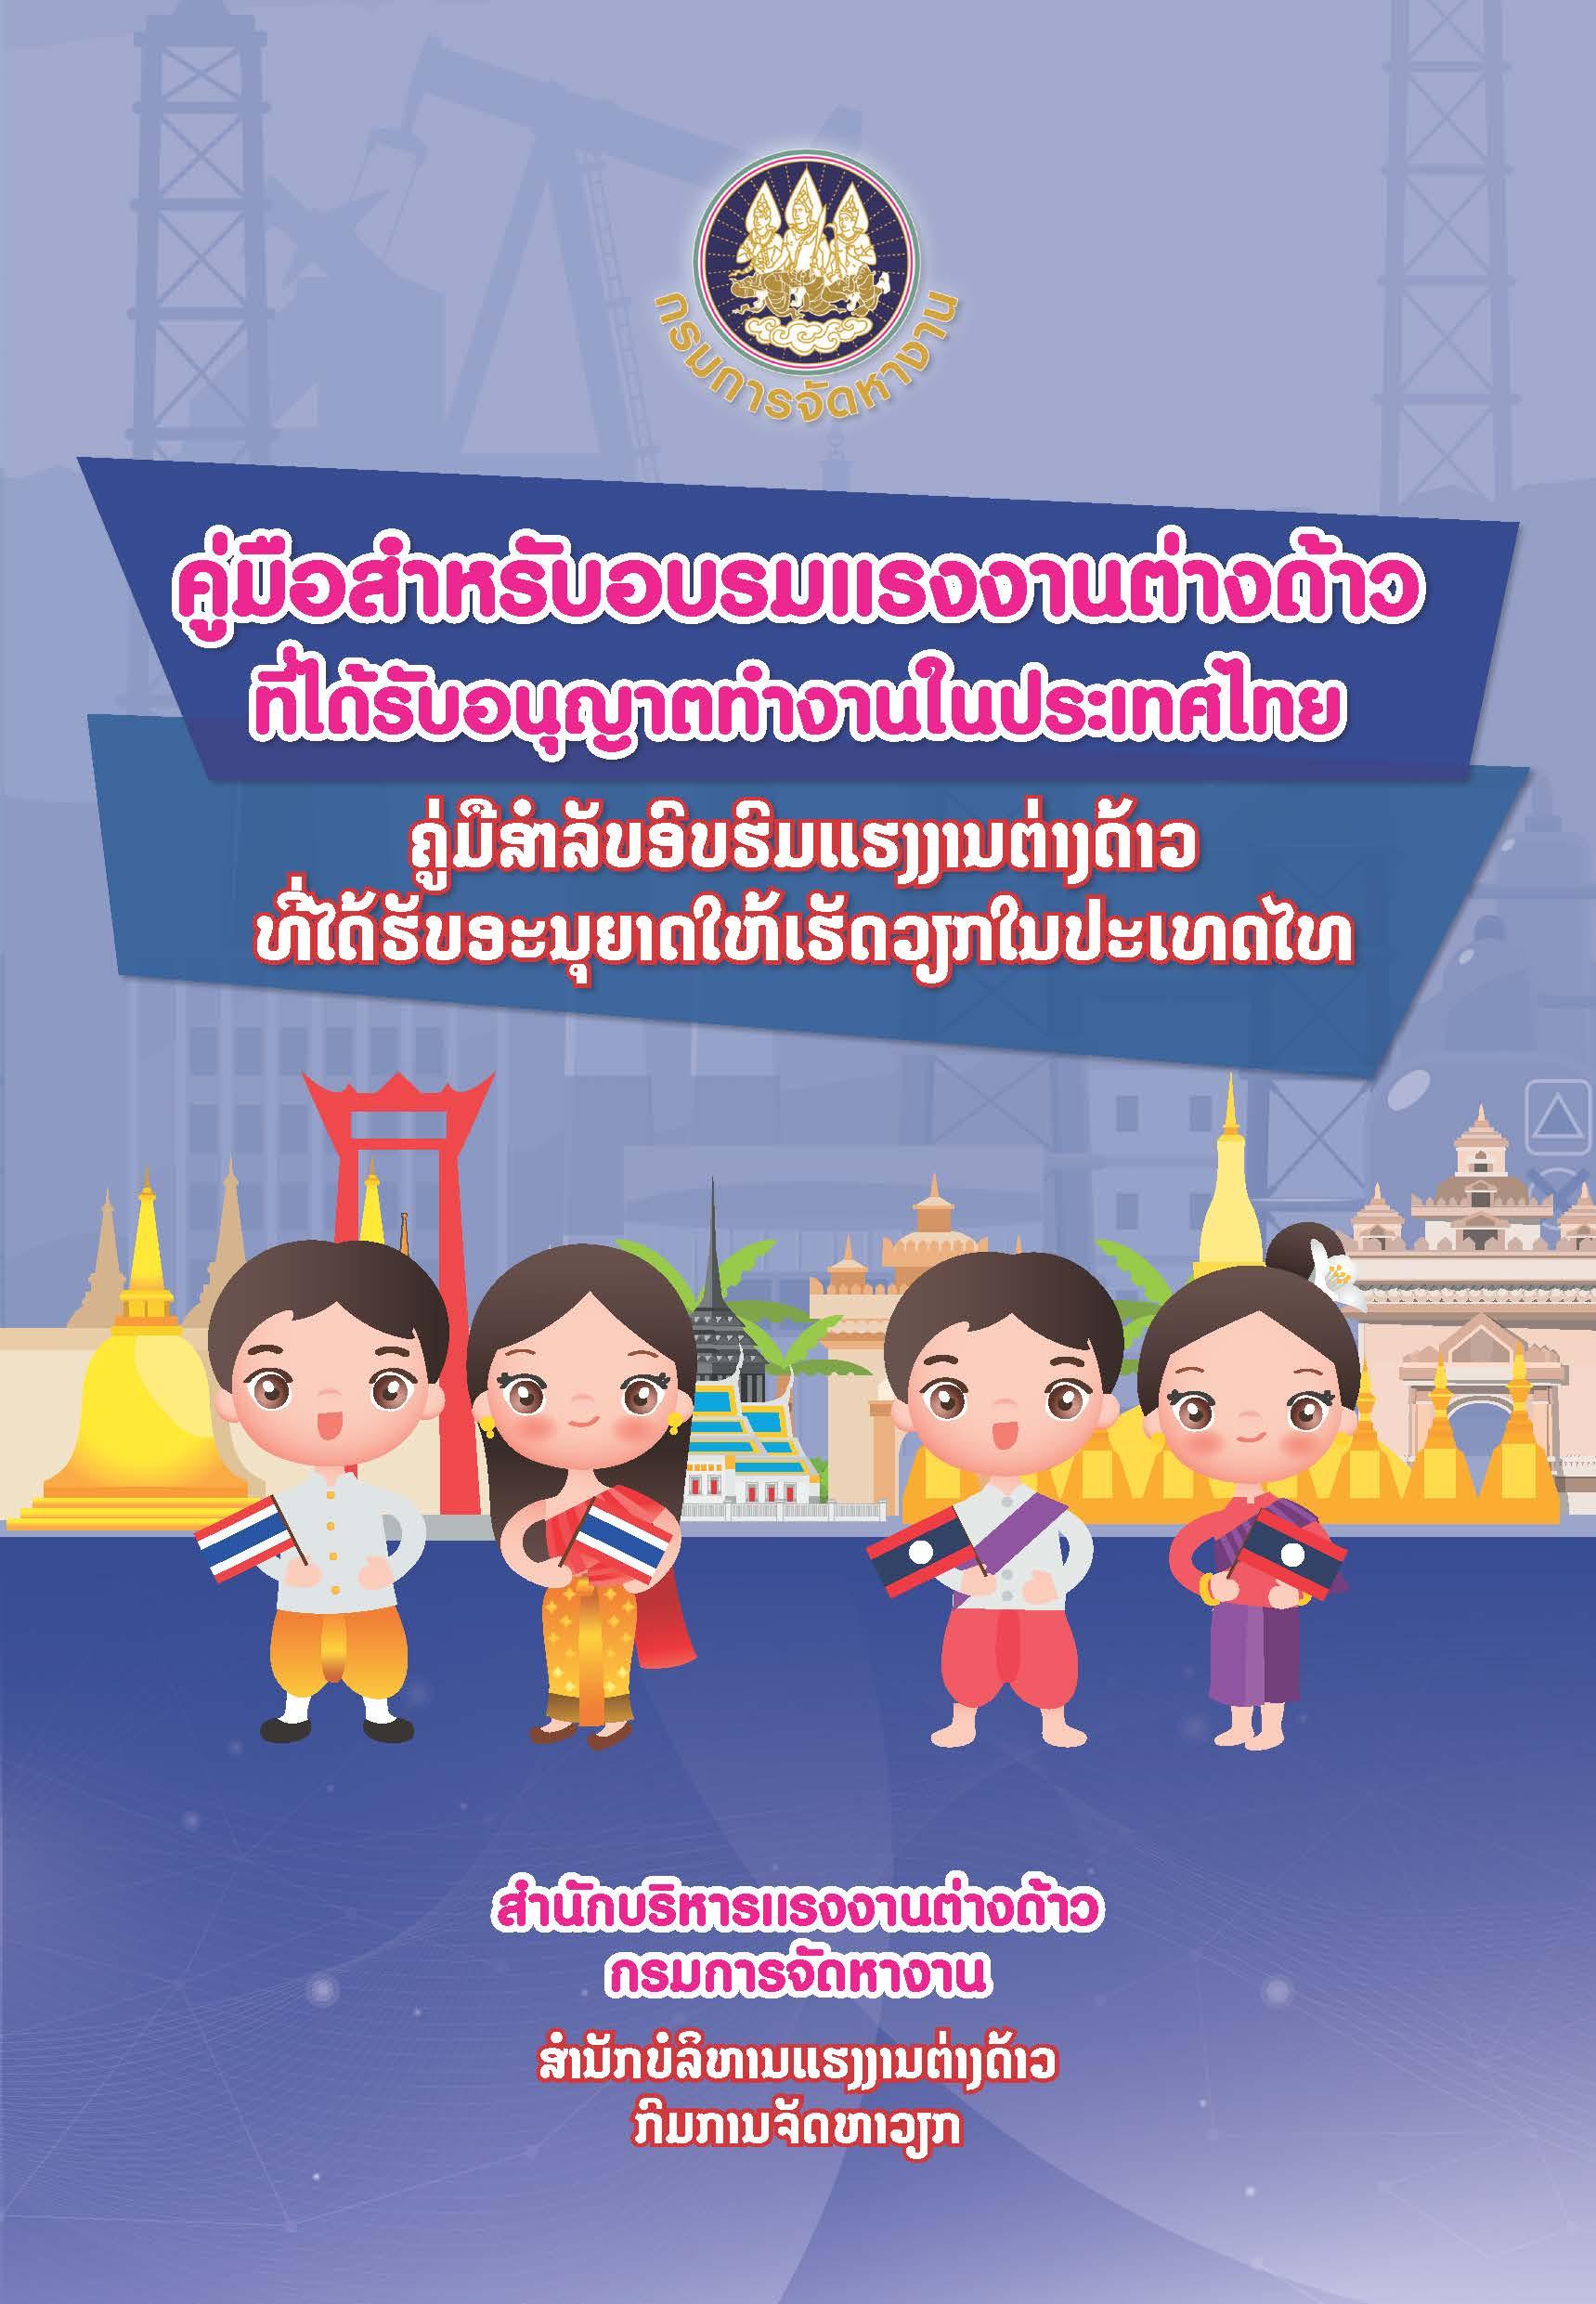 คู่มือสำหรับอบรมแรงงานต่างด้าวที่ได้รับอนุญาตทำงานในประเทศไทย ภาษาลาว